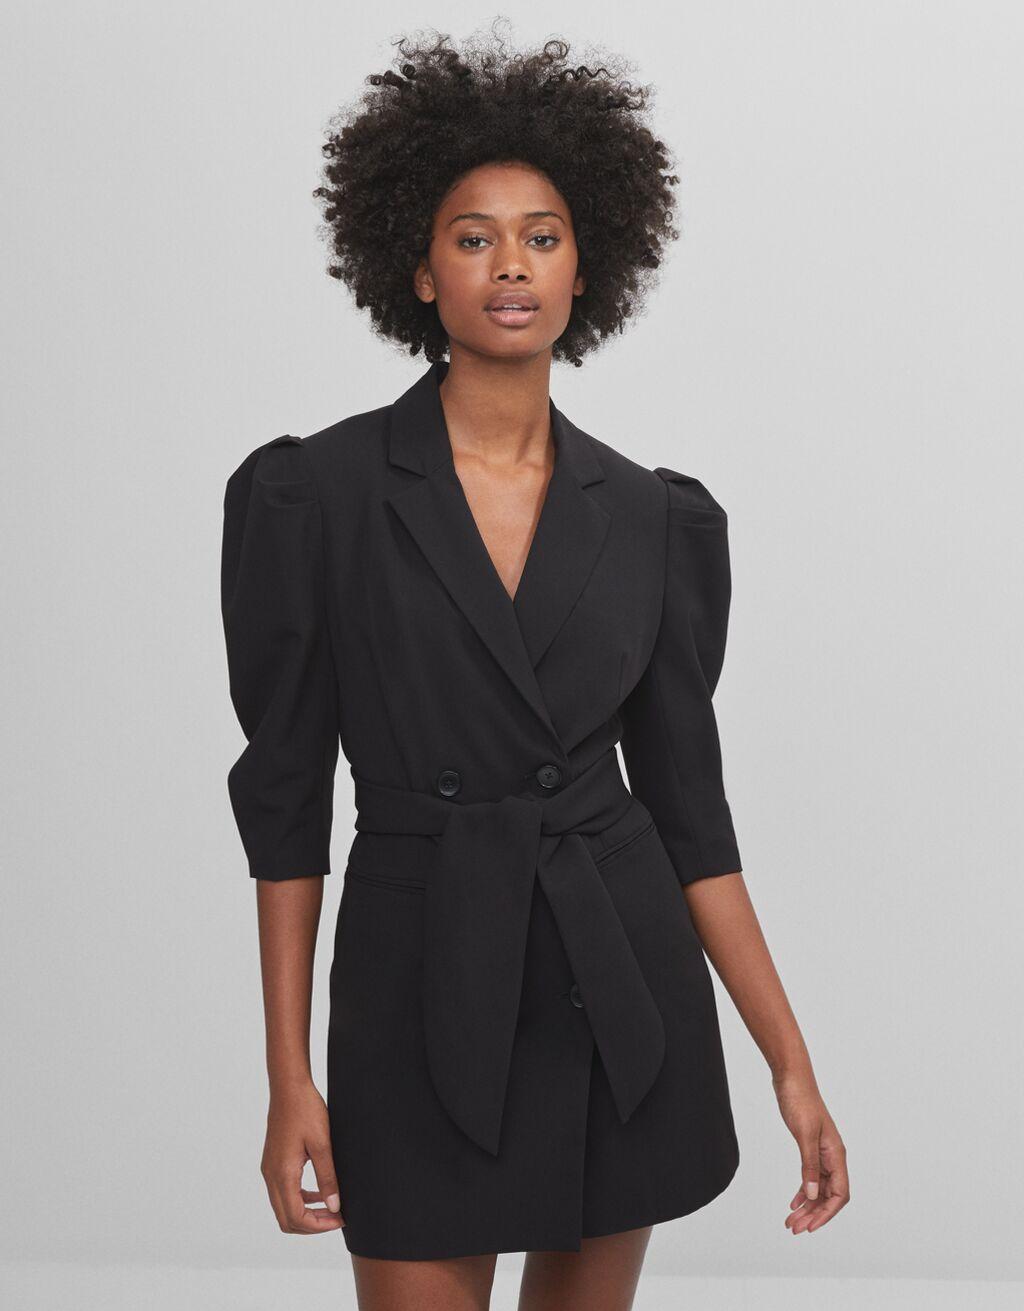 Full sleeve blazer dress